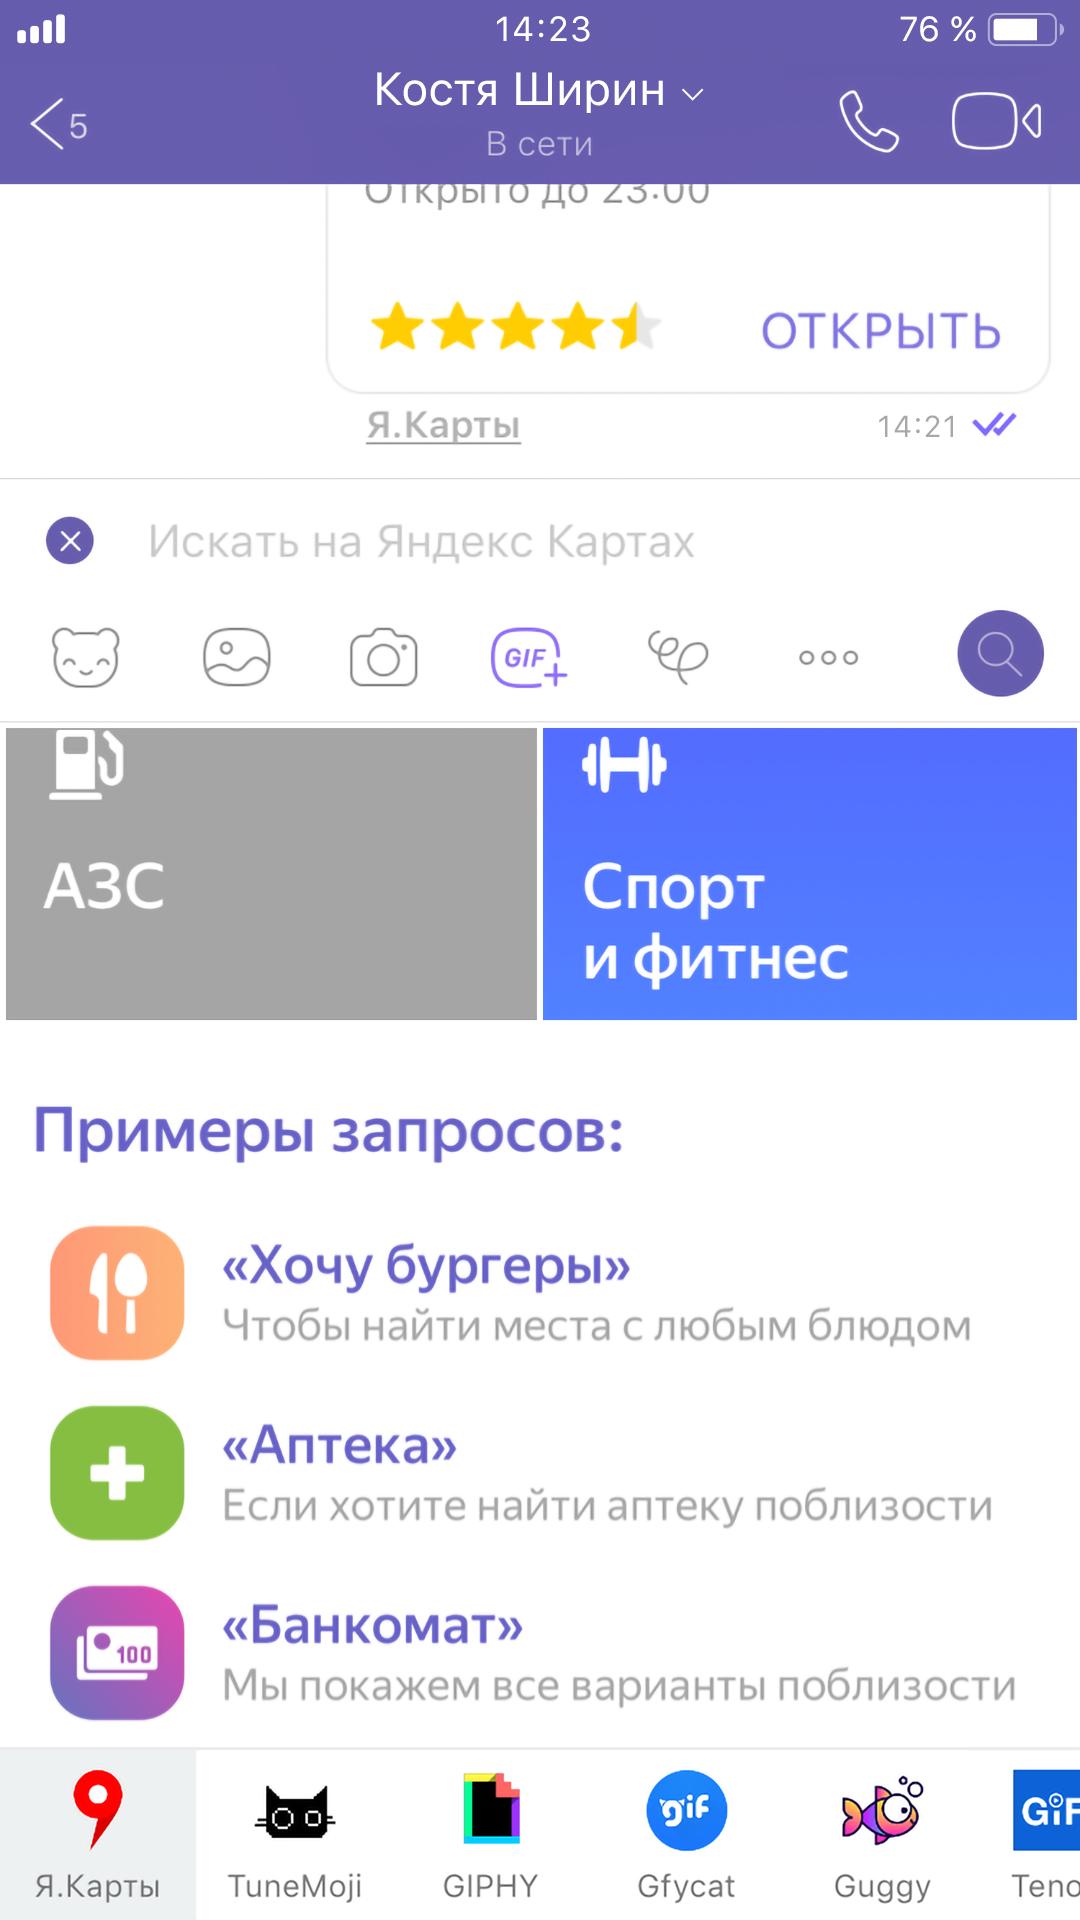 «Яндекс.Карты» помогут найти нужное заведение в Viber3